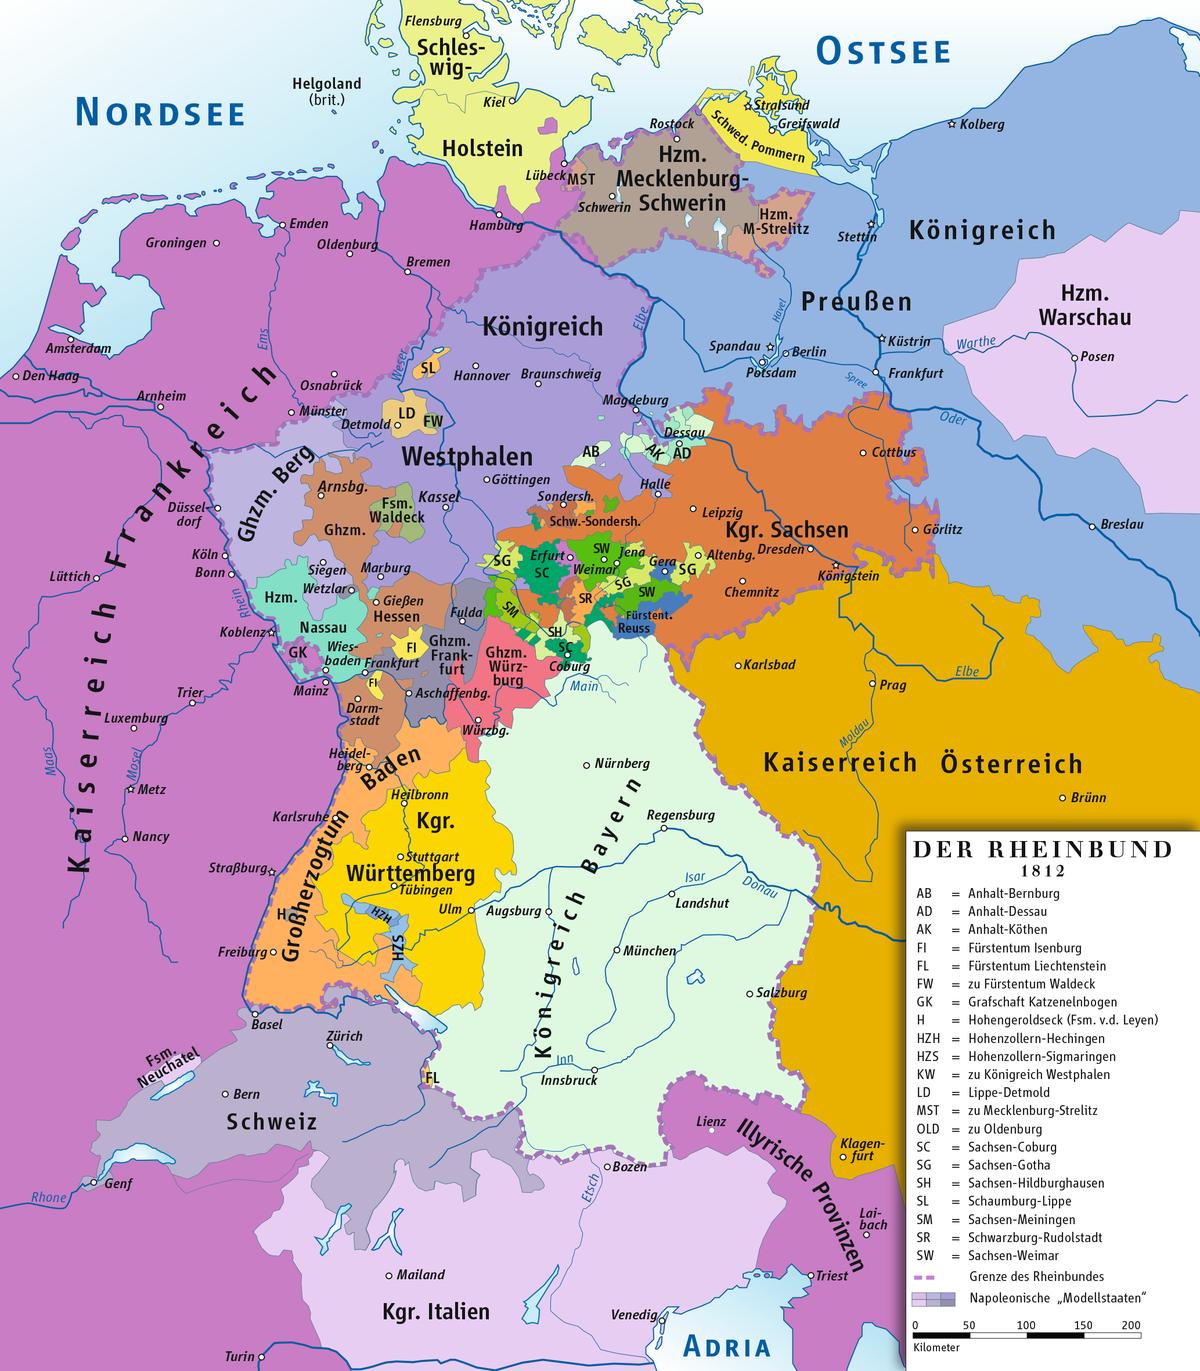 Vertrag von München (1816) – Wikipedia